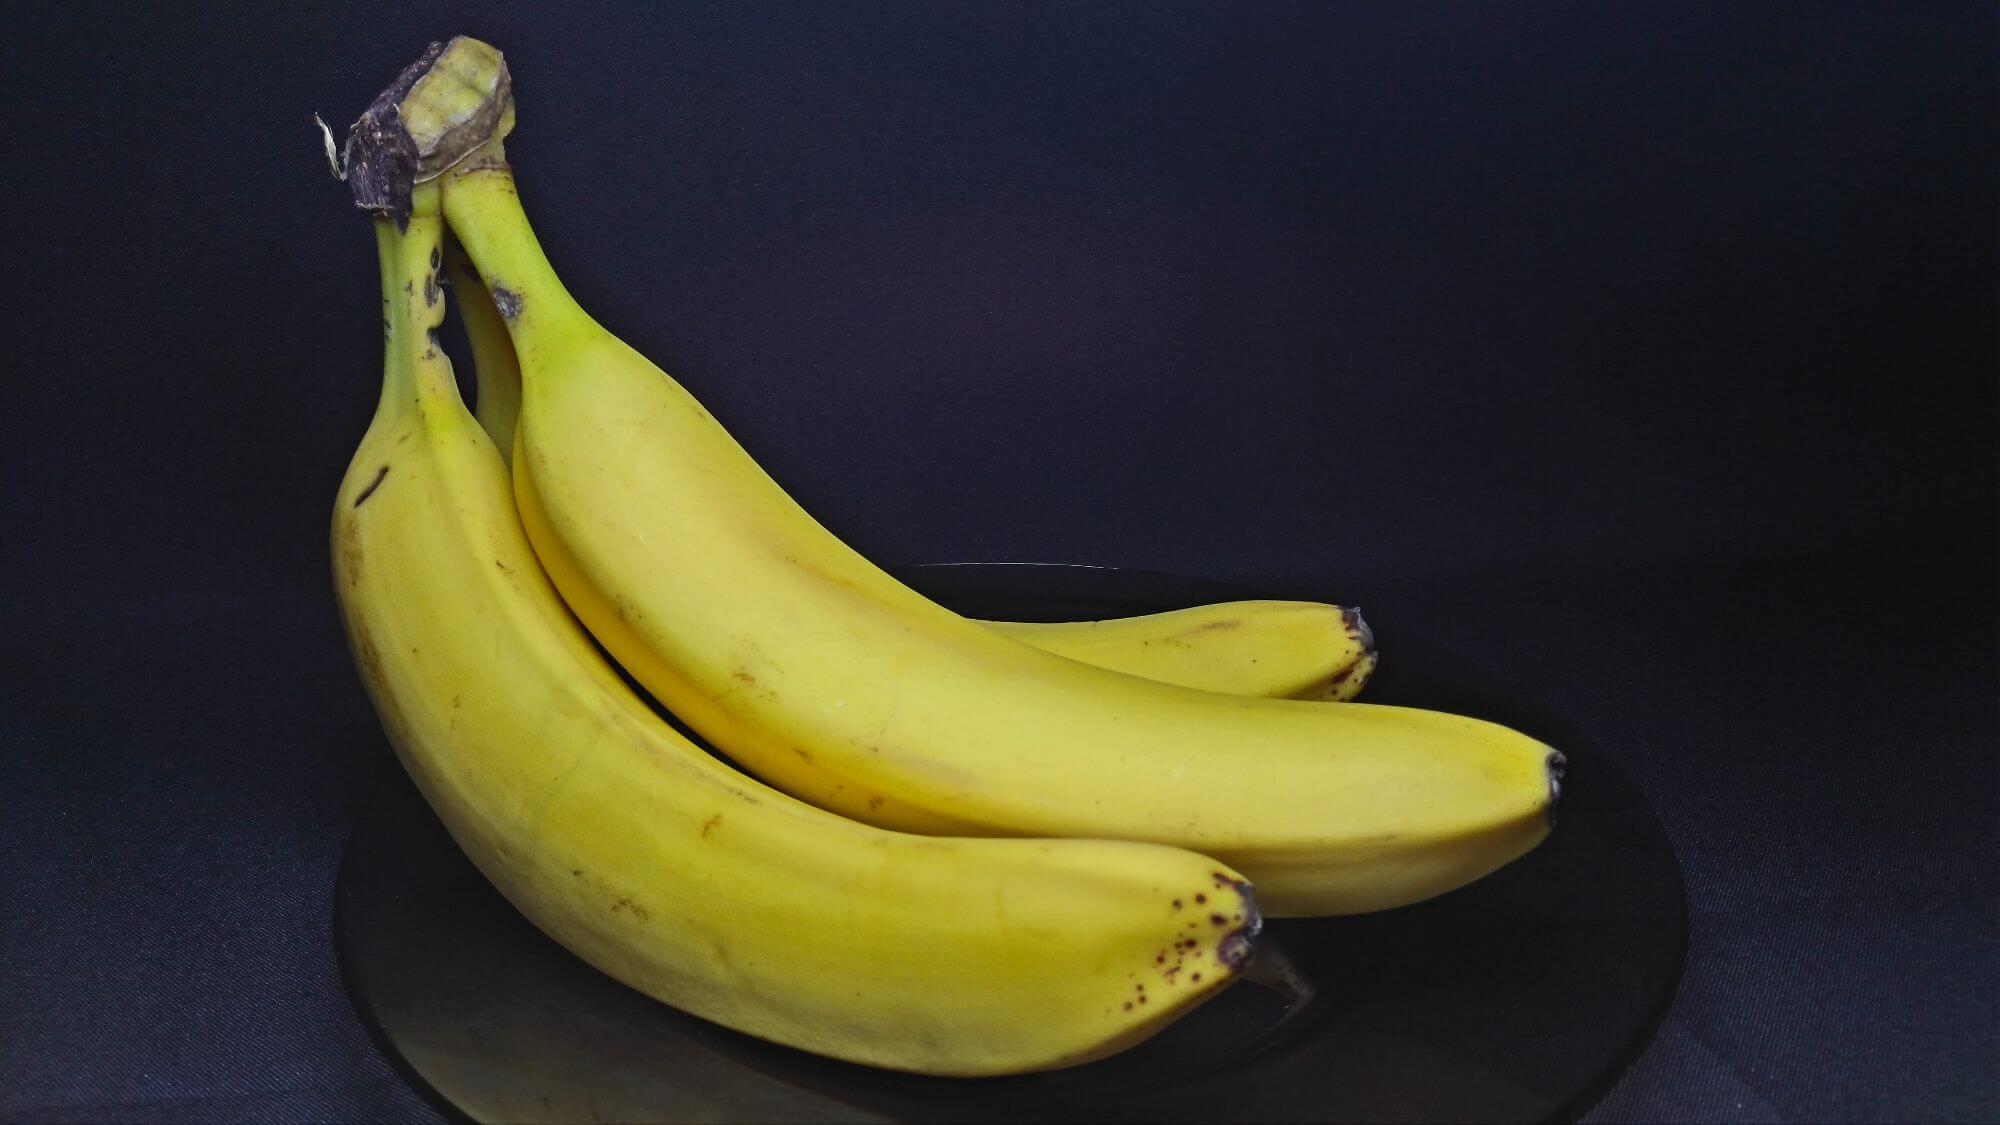 Как отстирать банан с детской одежды